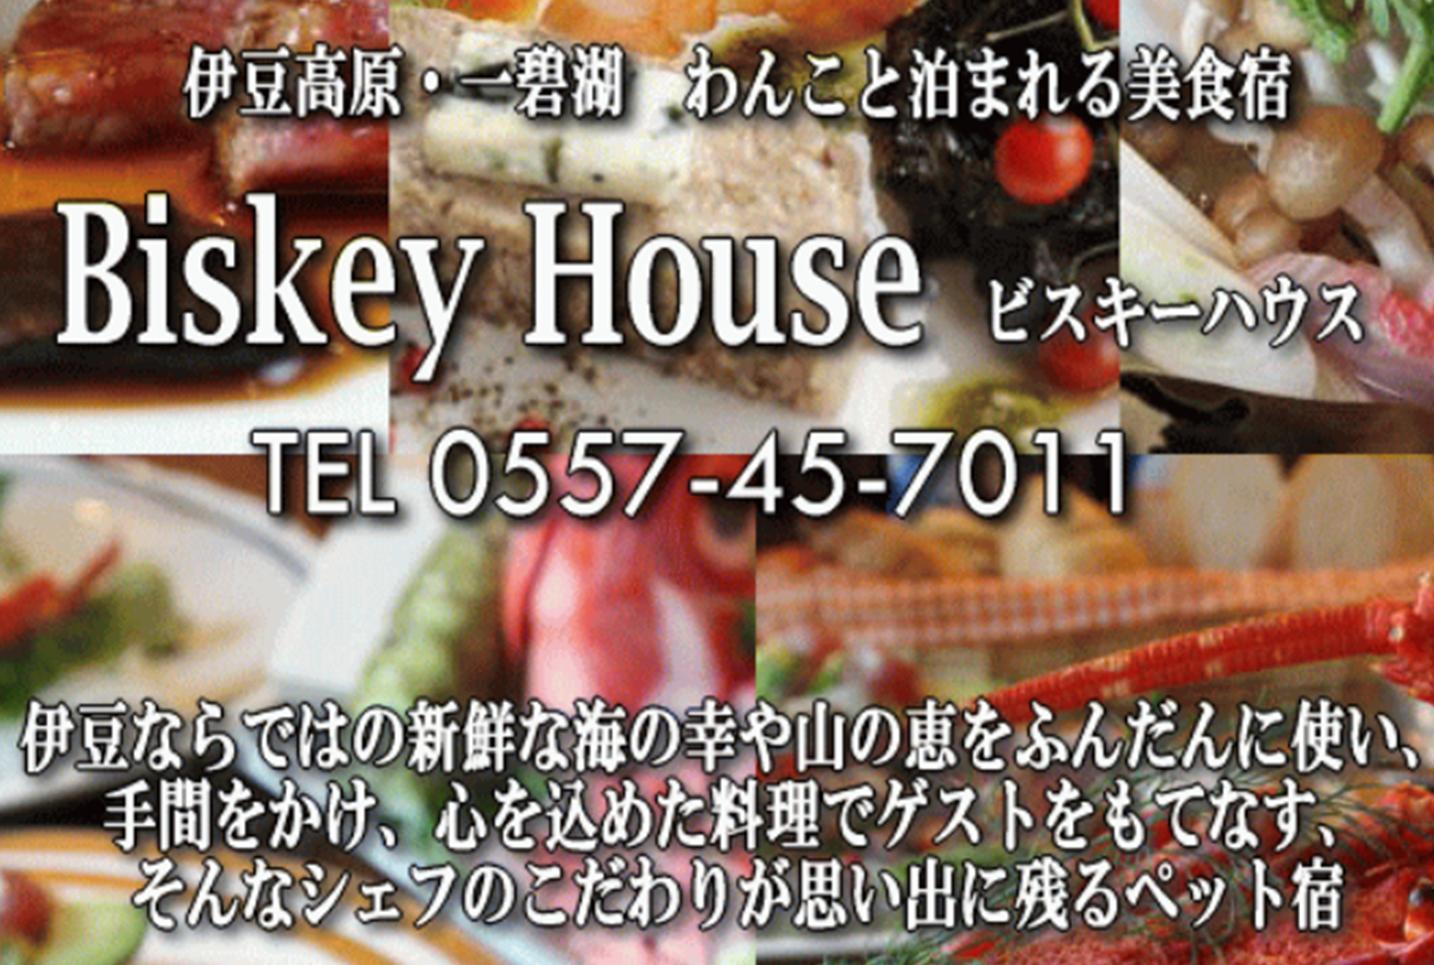 【公式】伊豆高原 ペットと泊まれる宿 料理が美味しい犬宿 ビスキーハウス